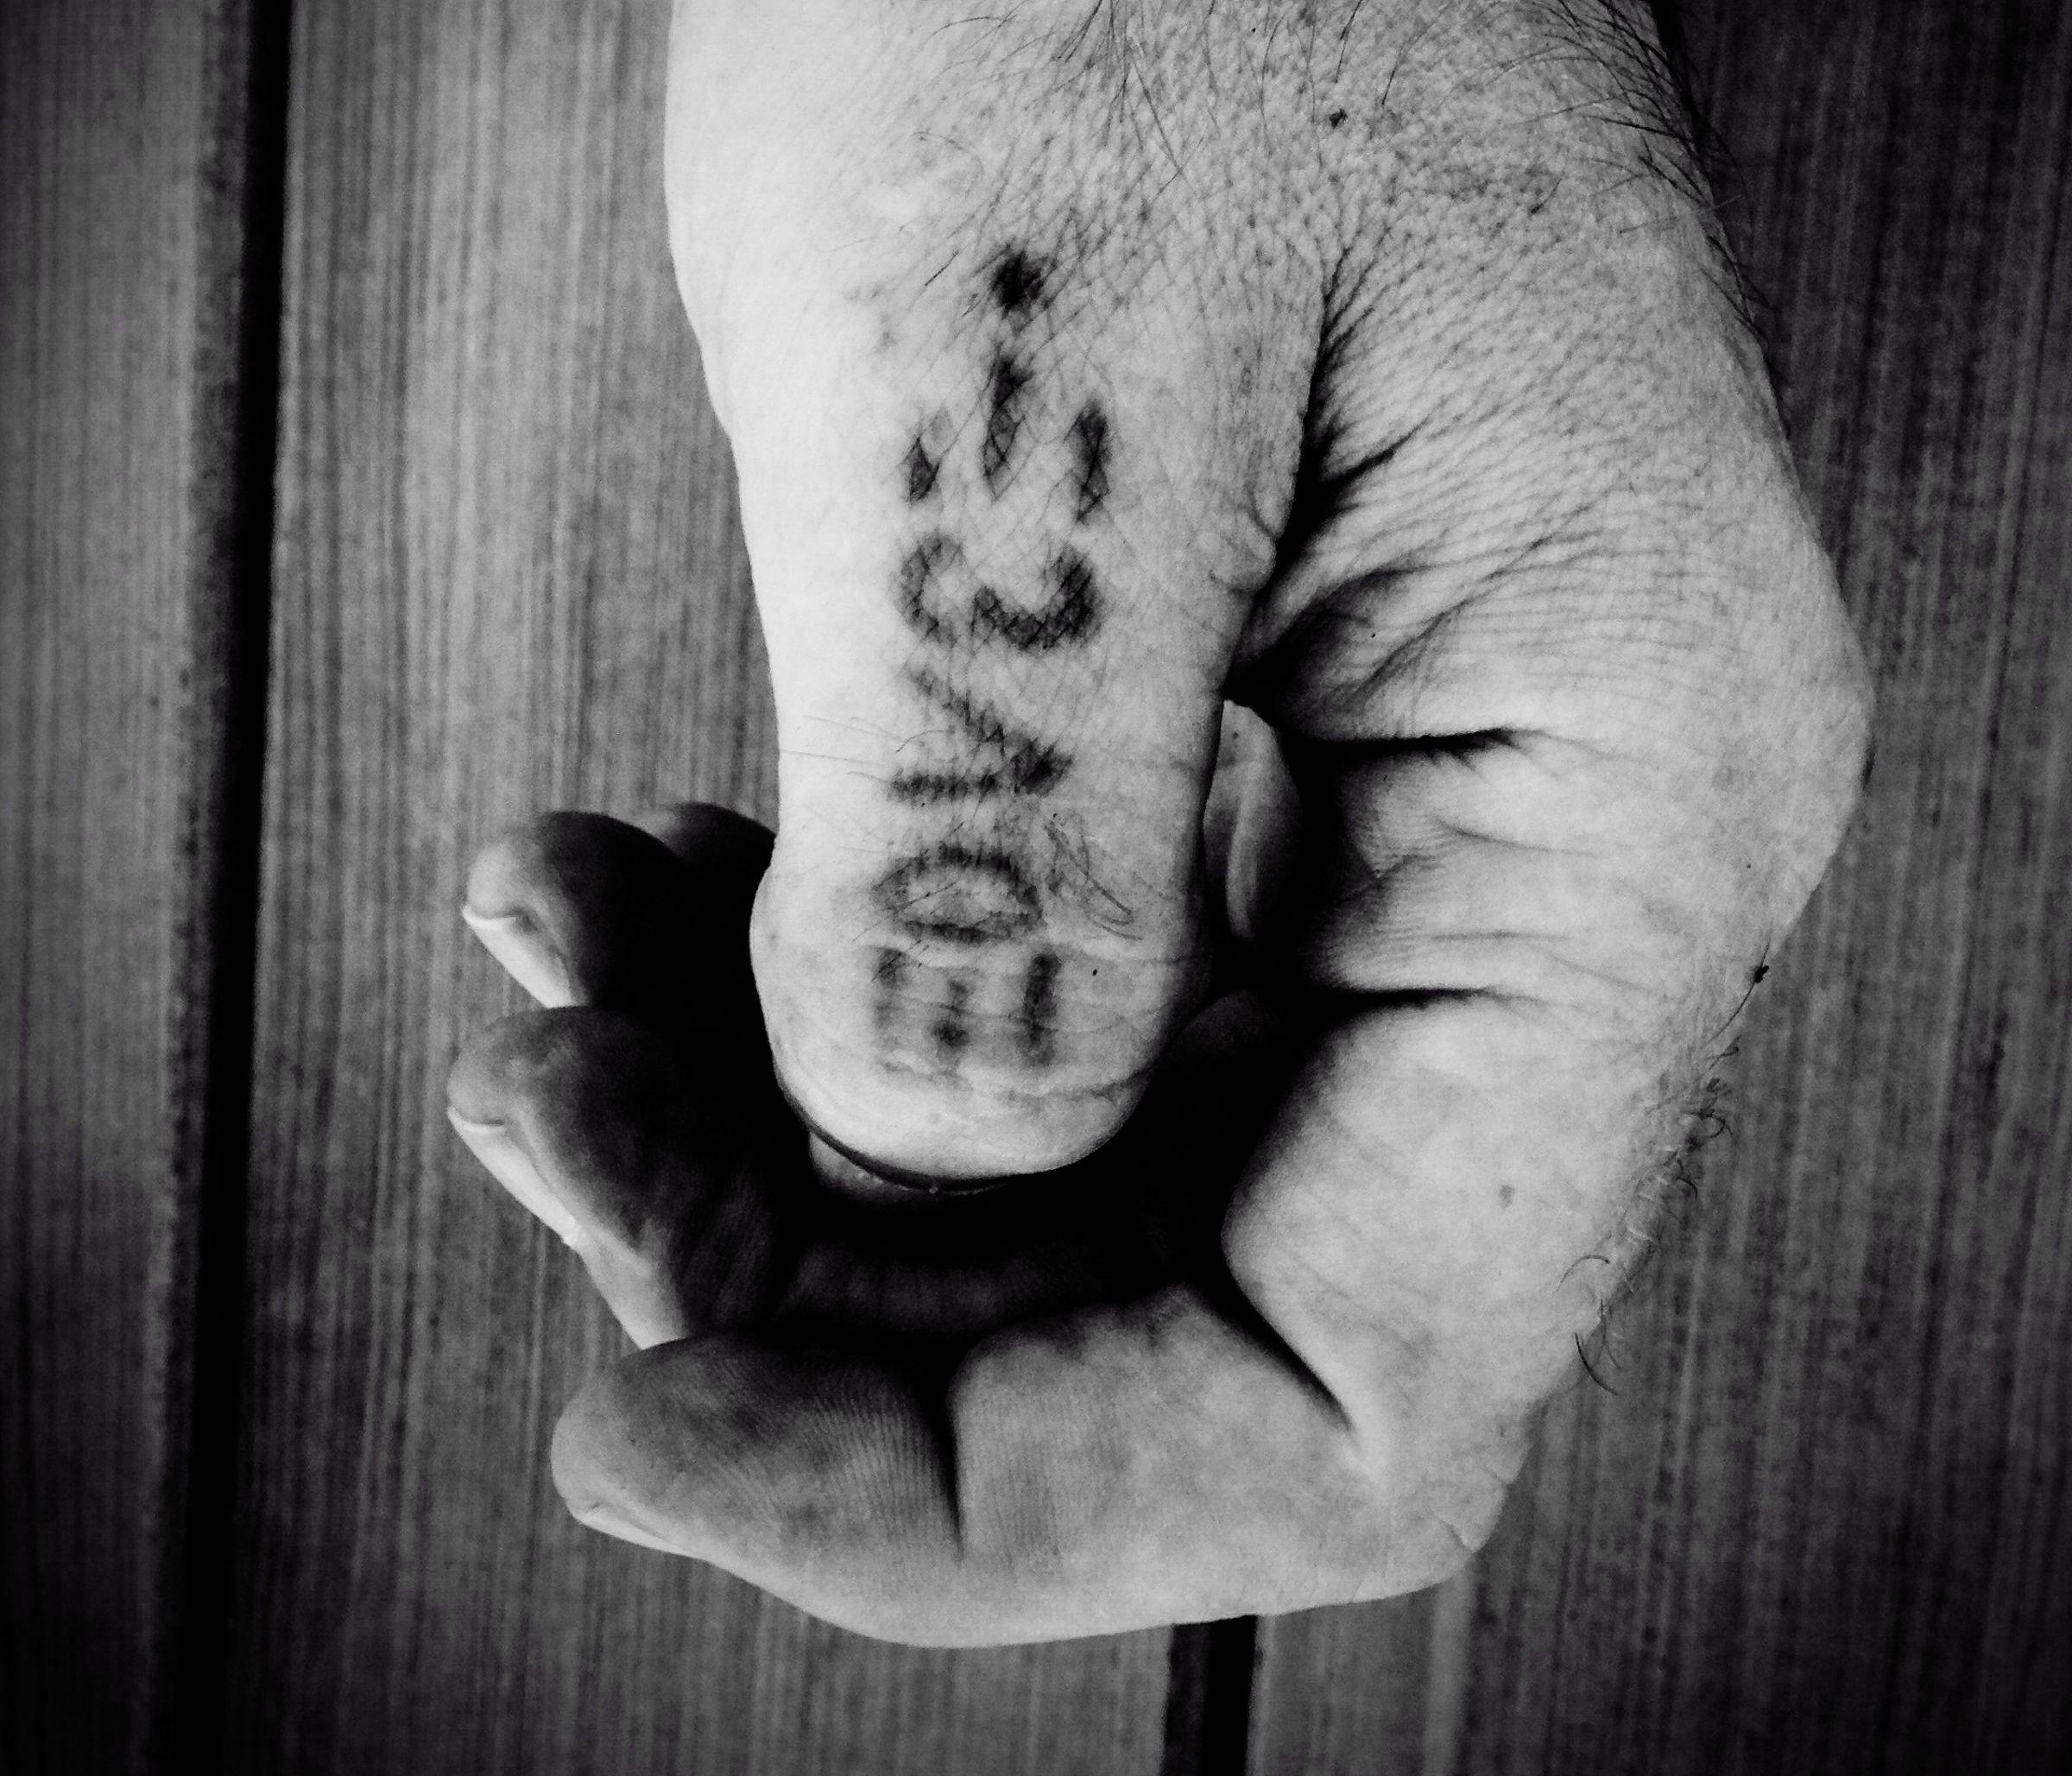 Igor's arm, Simferopol